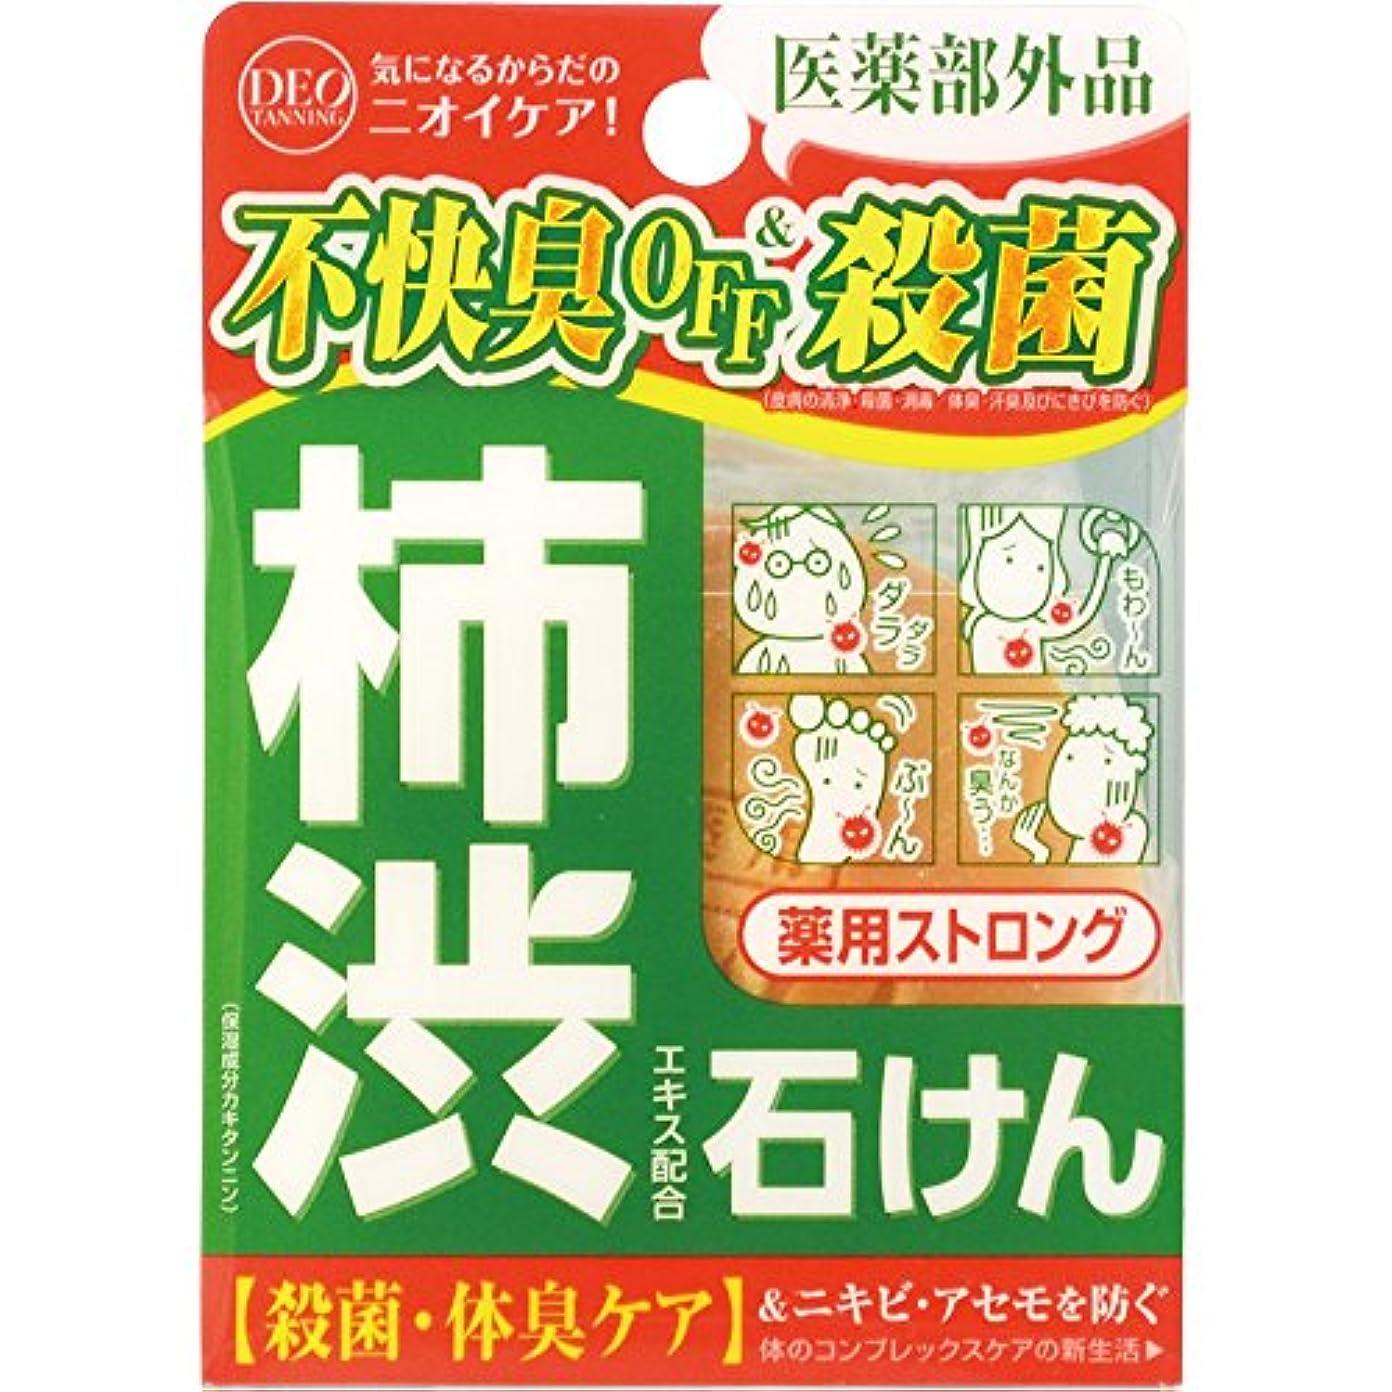 フランクワースリーフィットネスクリエイティブデオタンニング 薬用ストロング ソープ 100g (医薬部外品)